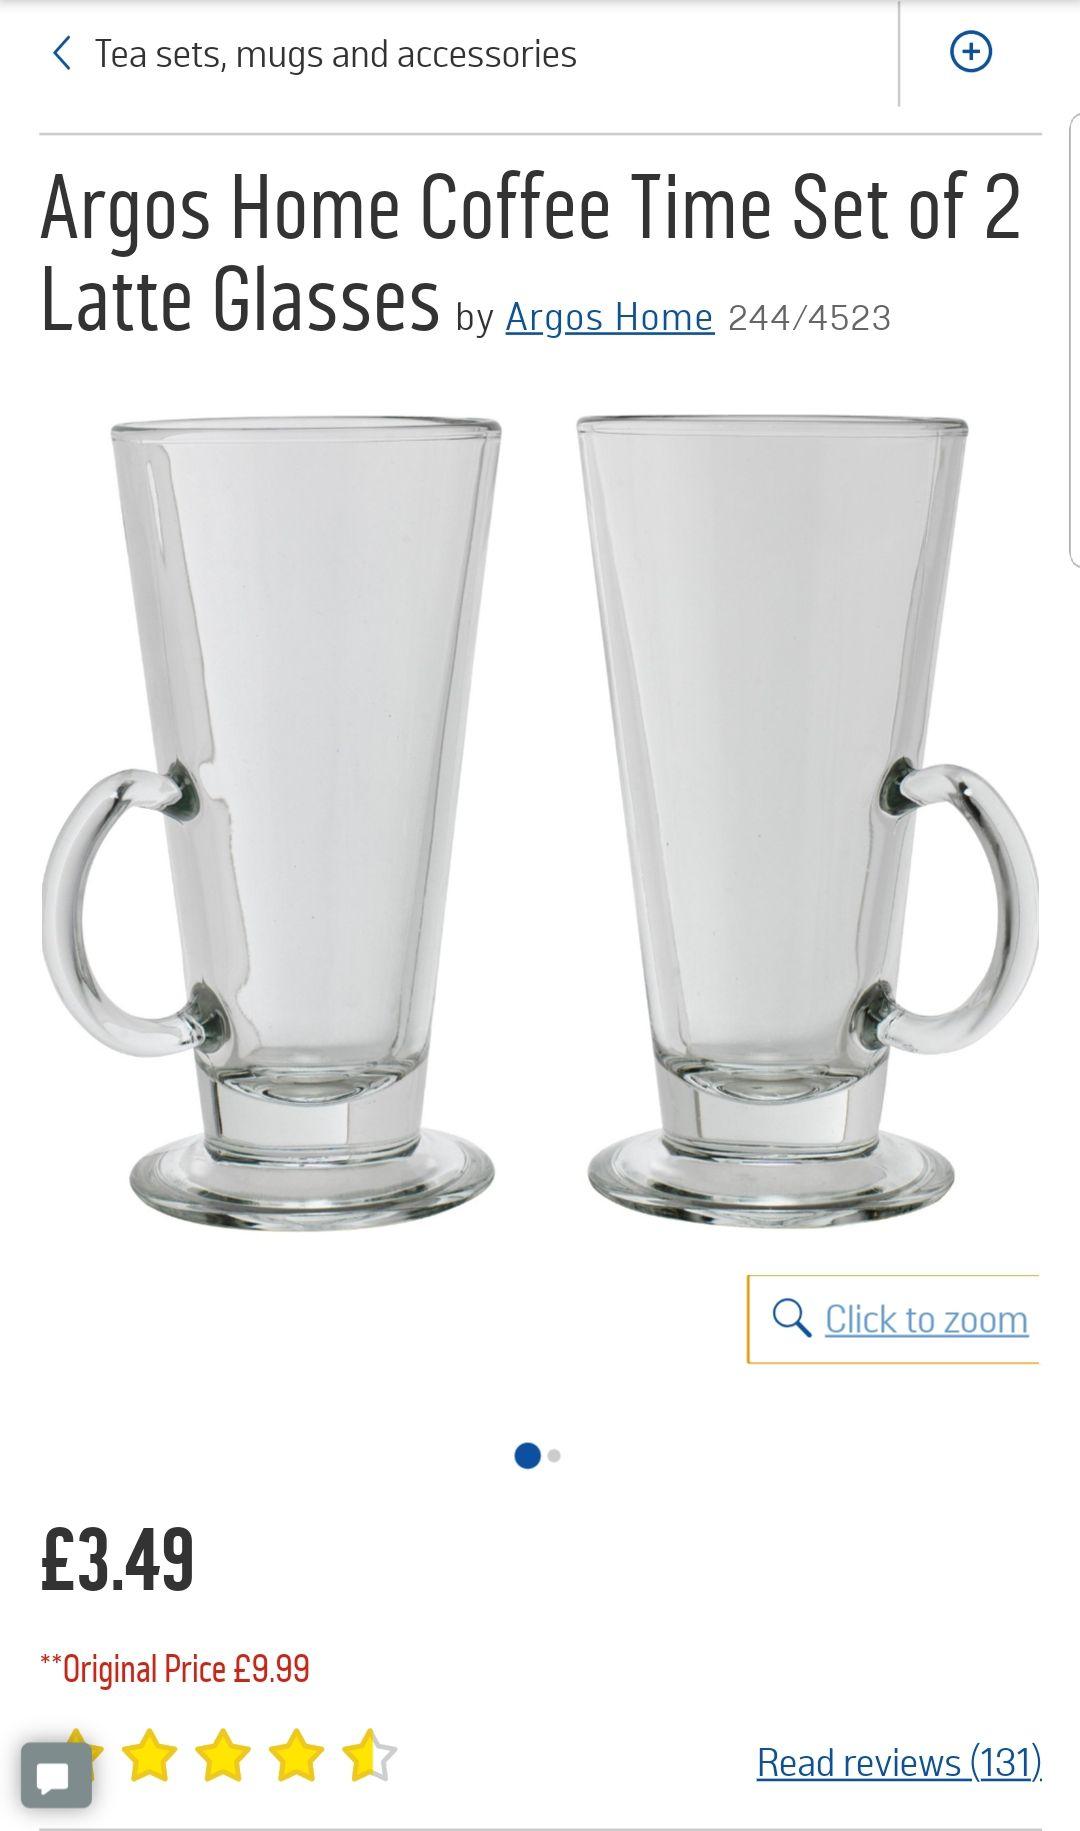 Argos Home Coffee Time Set of 2 Latte Glasses - £3.49 @ Argos (free C&C)